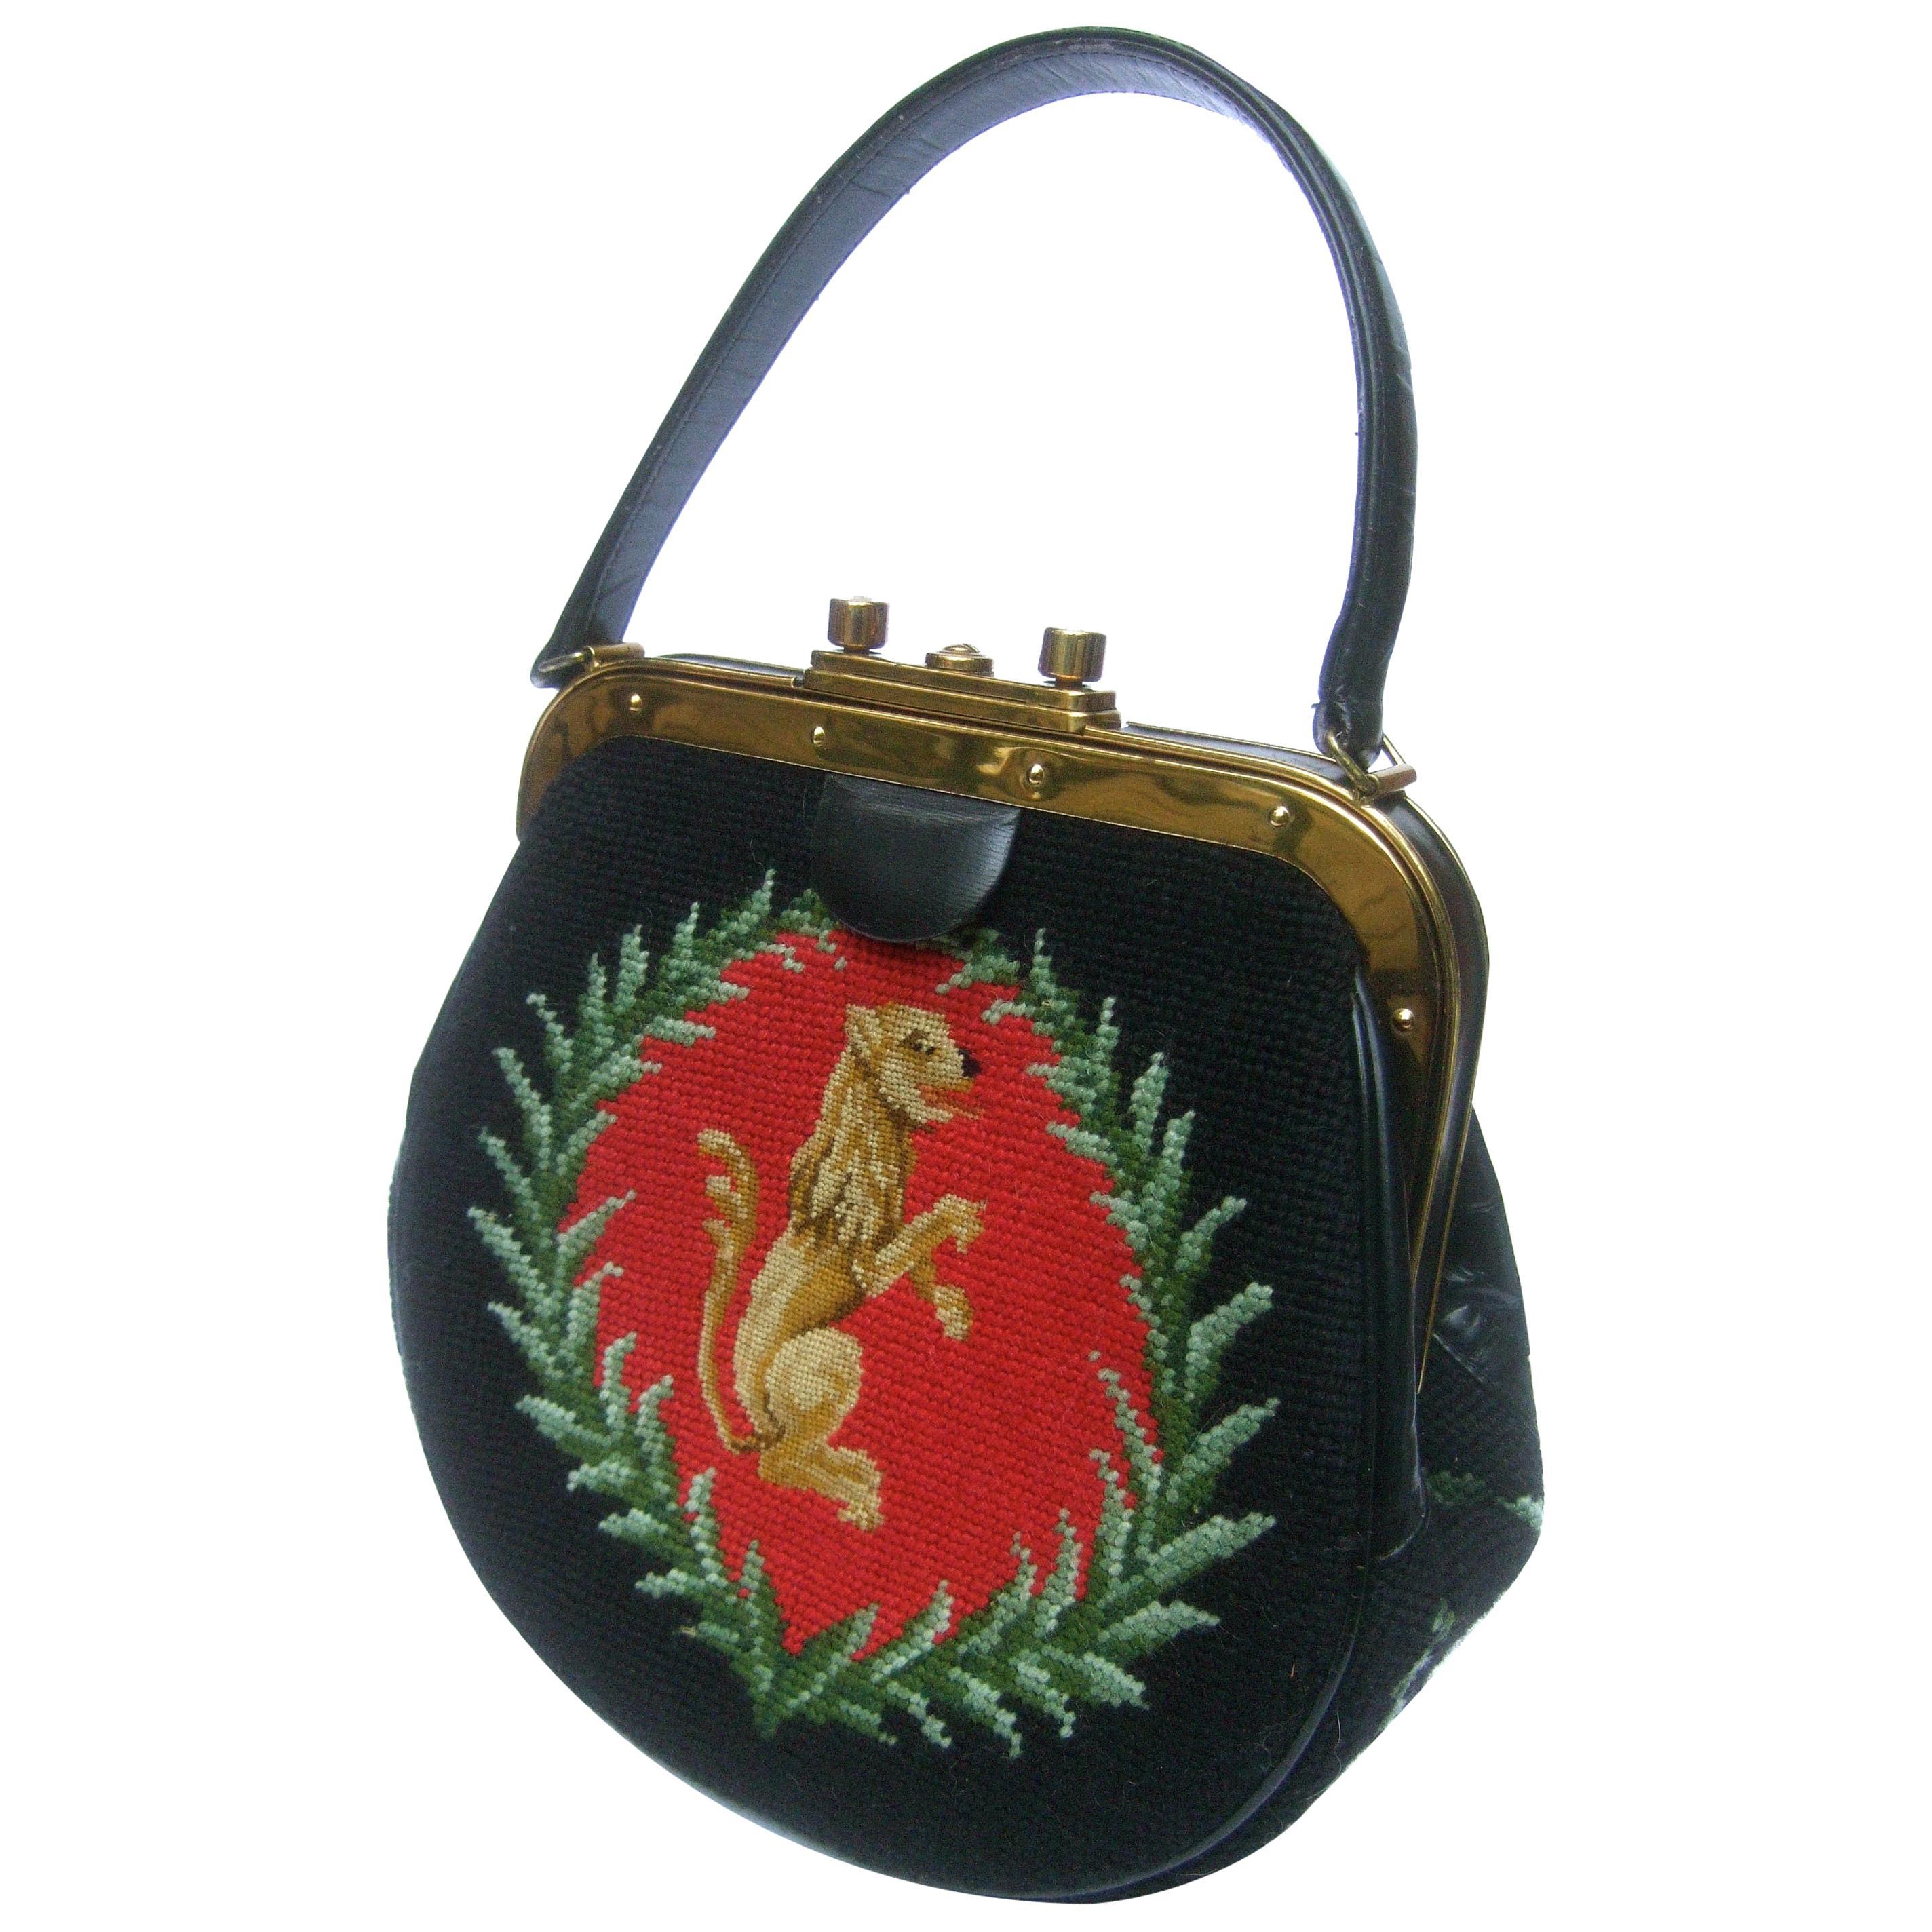 Needlepoint Artisan Griffin & Laurels Hand Stitched Handbag c 1970